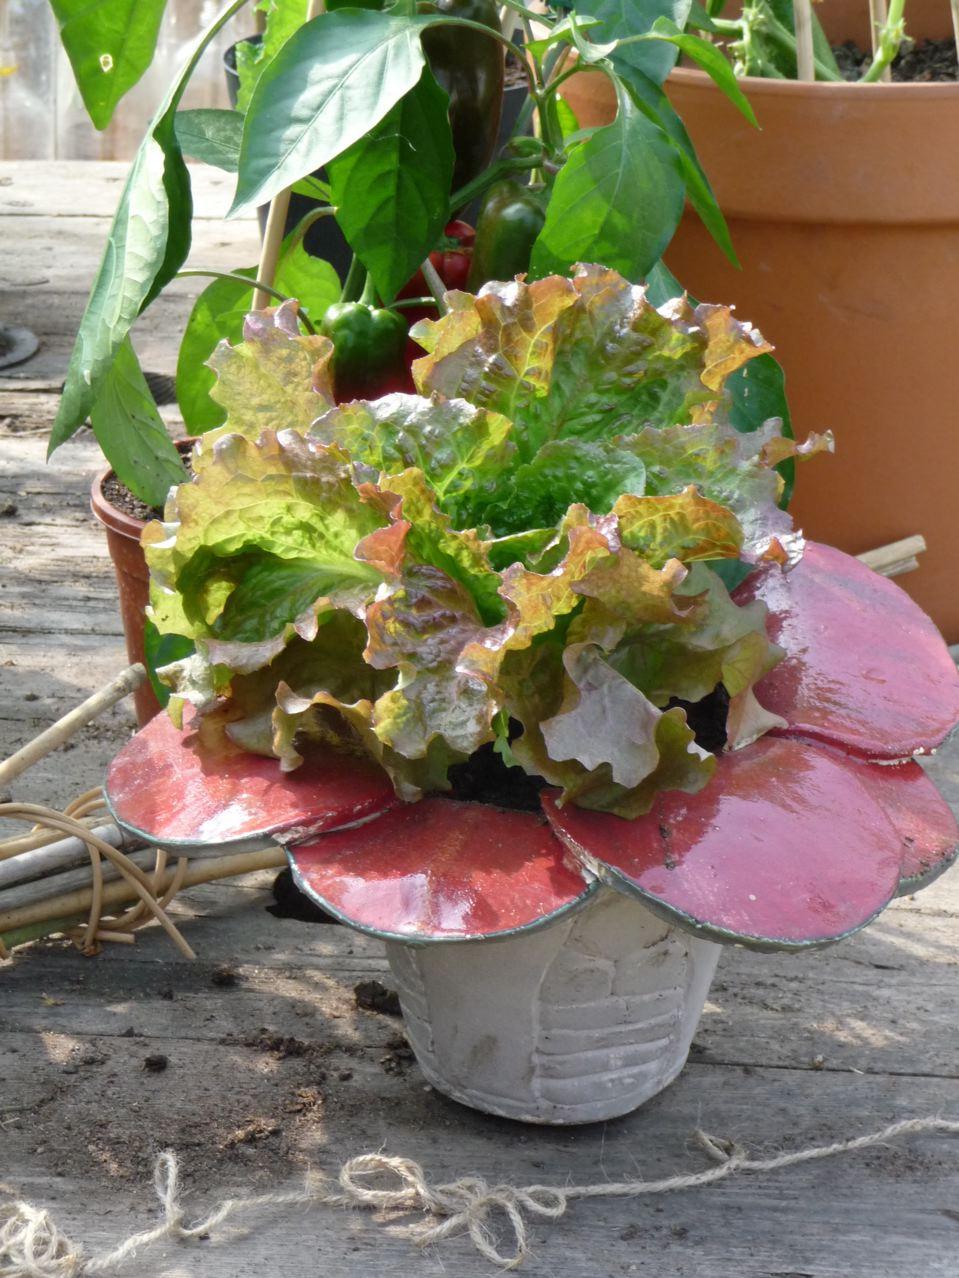 La salade, un légume déco